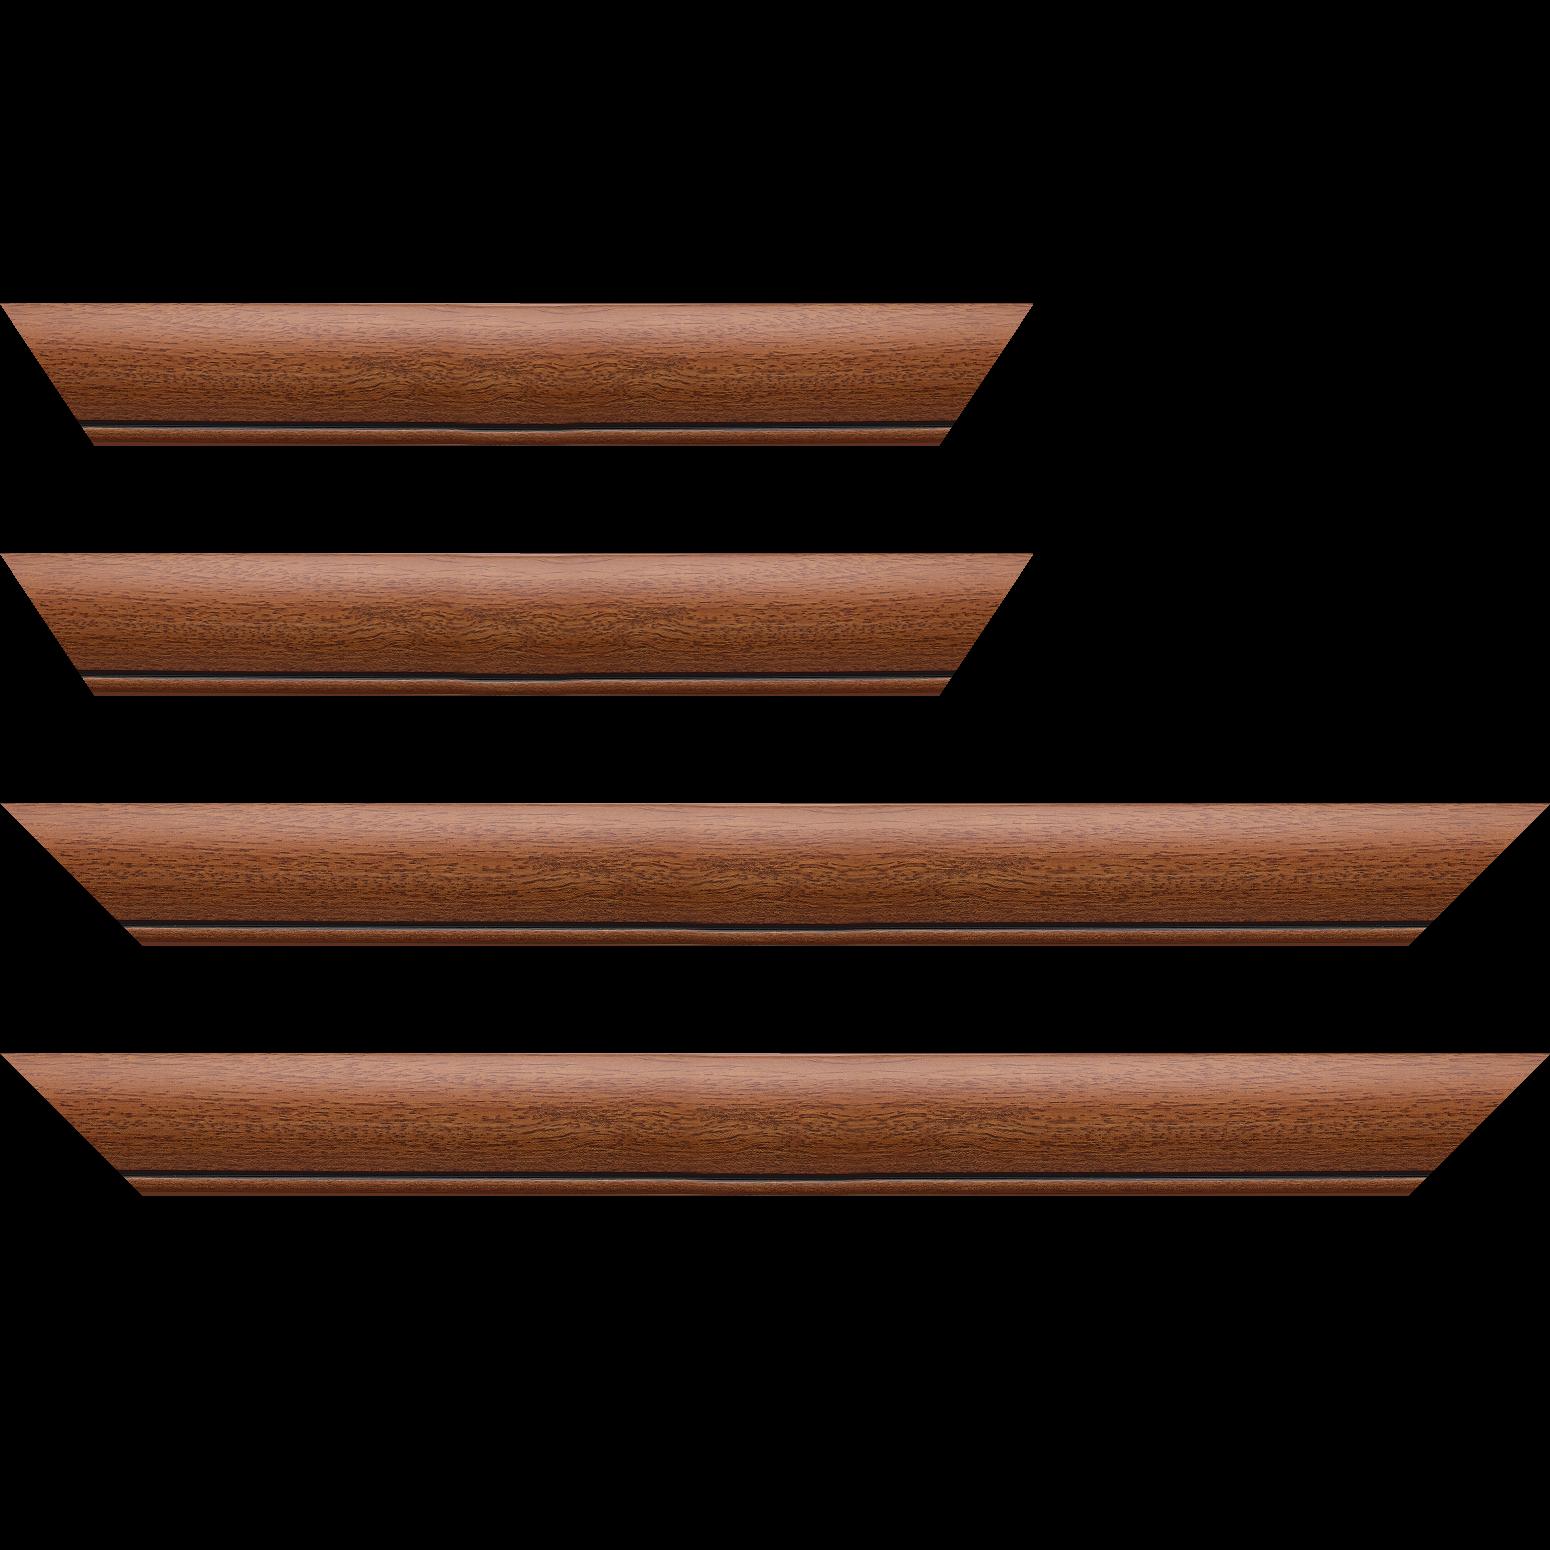 Baguette service précoupé Bois profil arrondi largeur 4.7cm couleur marron ton bois satiné rehaussé d'un filet noir